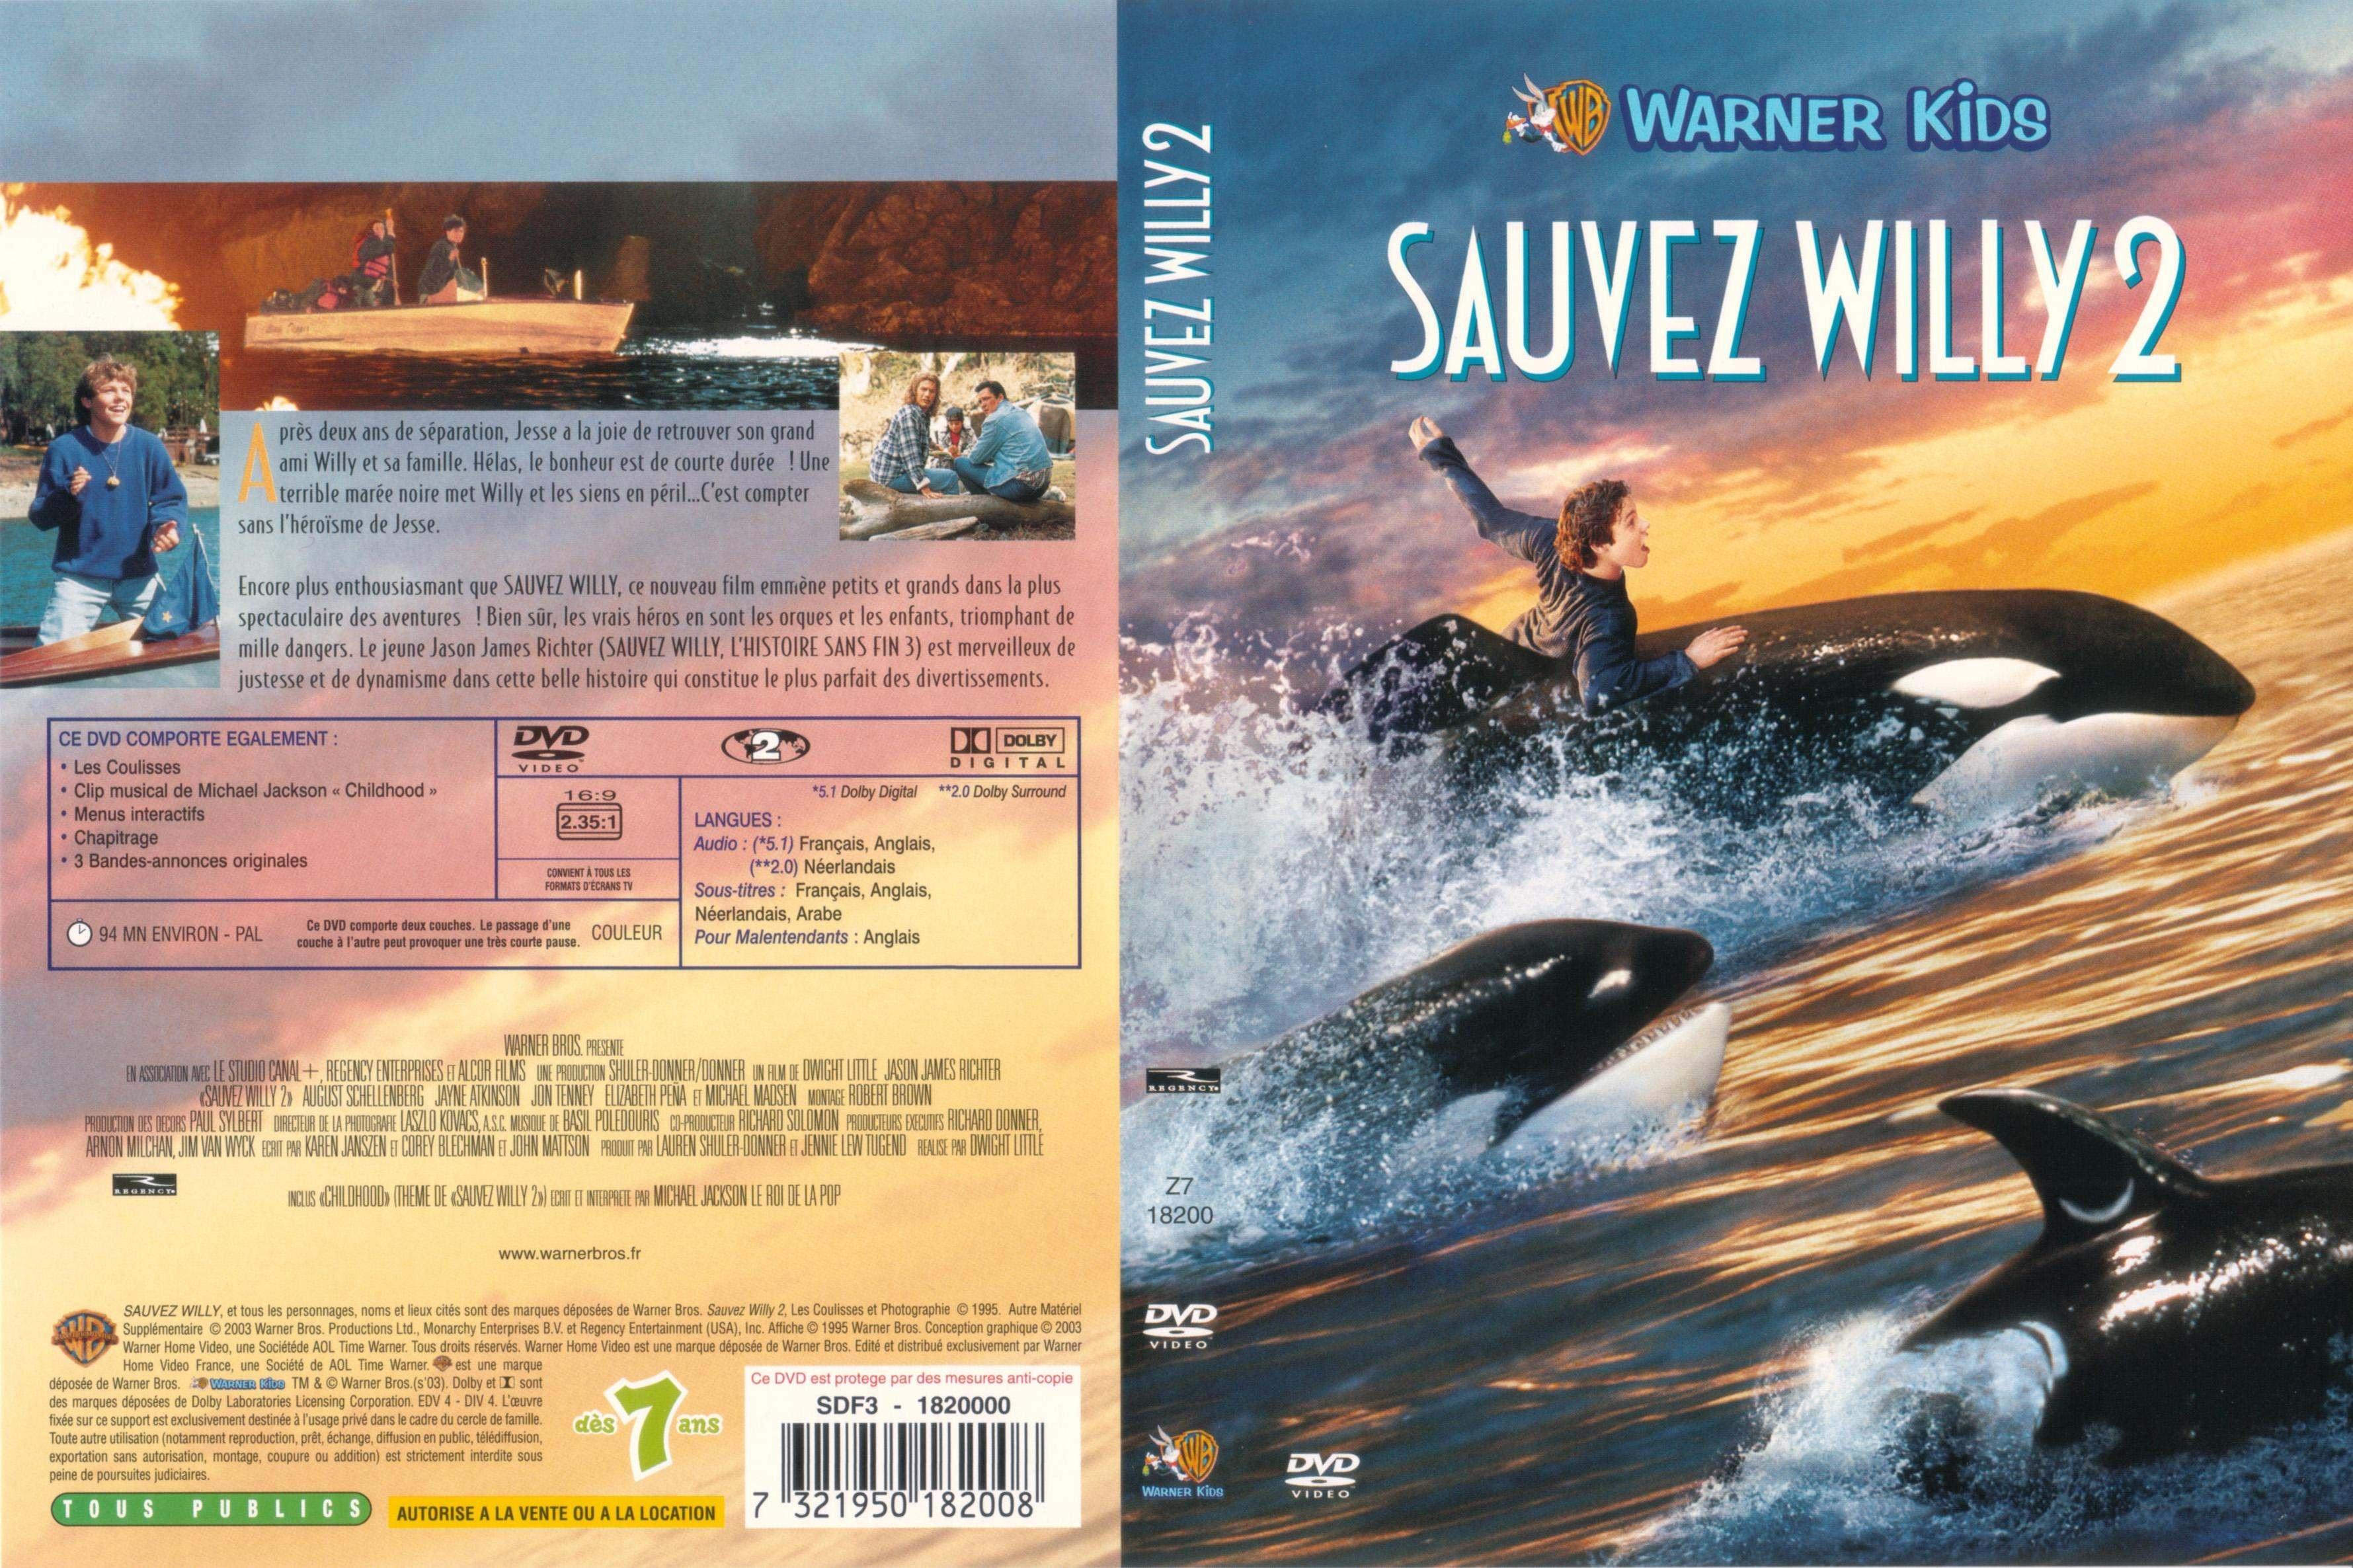 sauvez willy 1